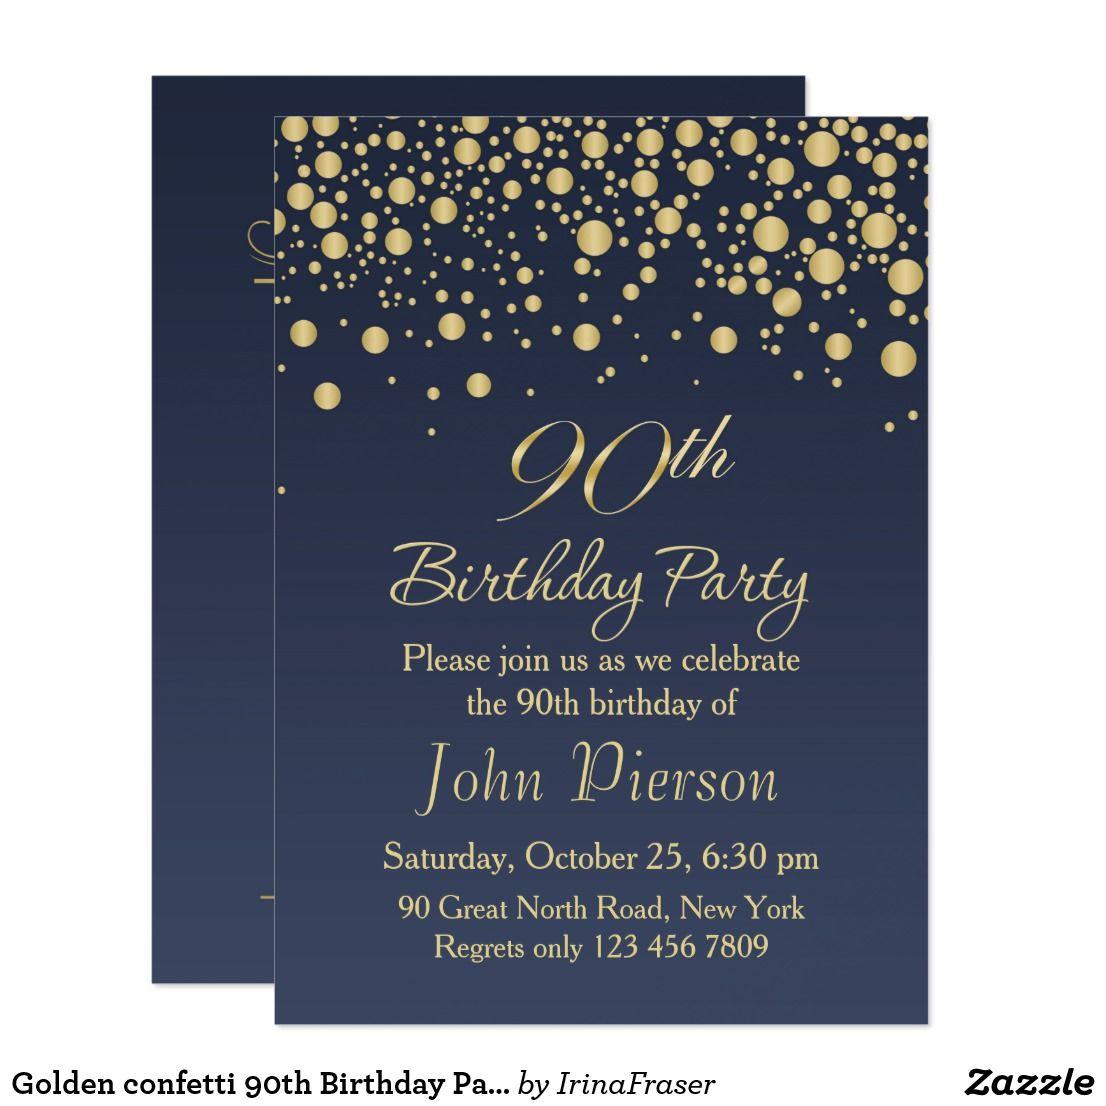 Golden confetti 90th Birthday Party Invitation Zazzle